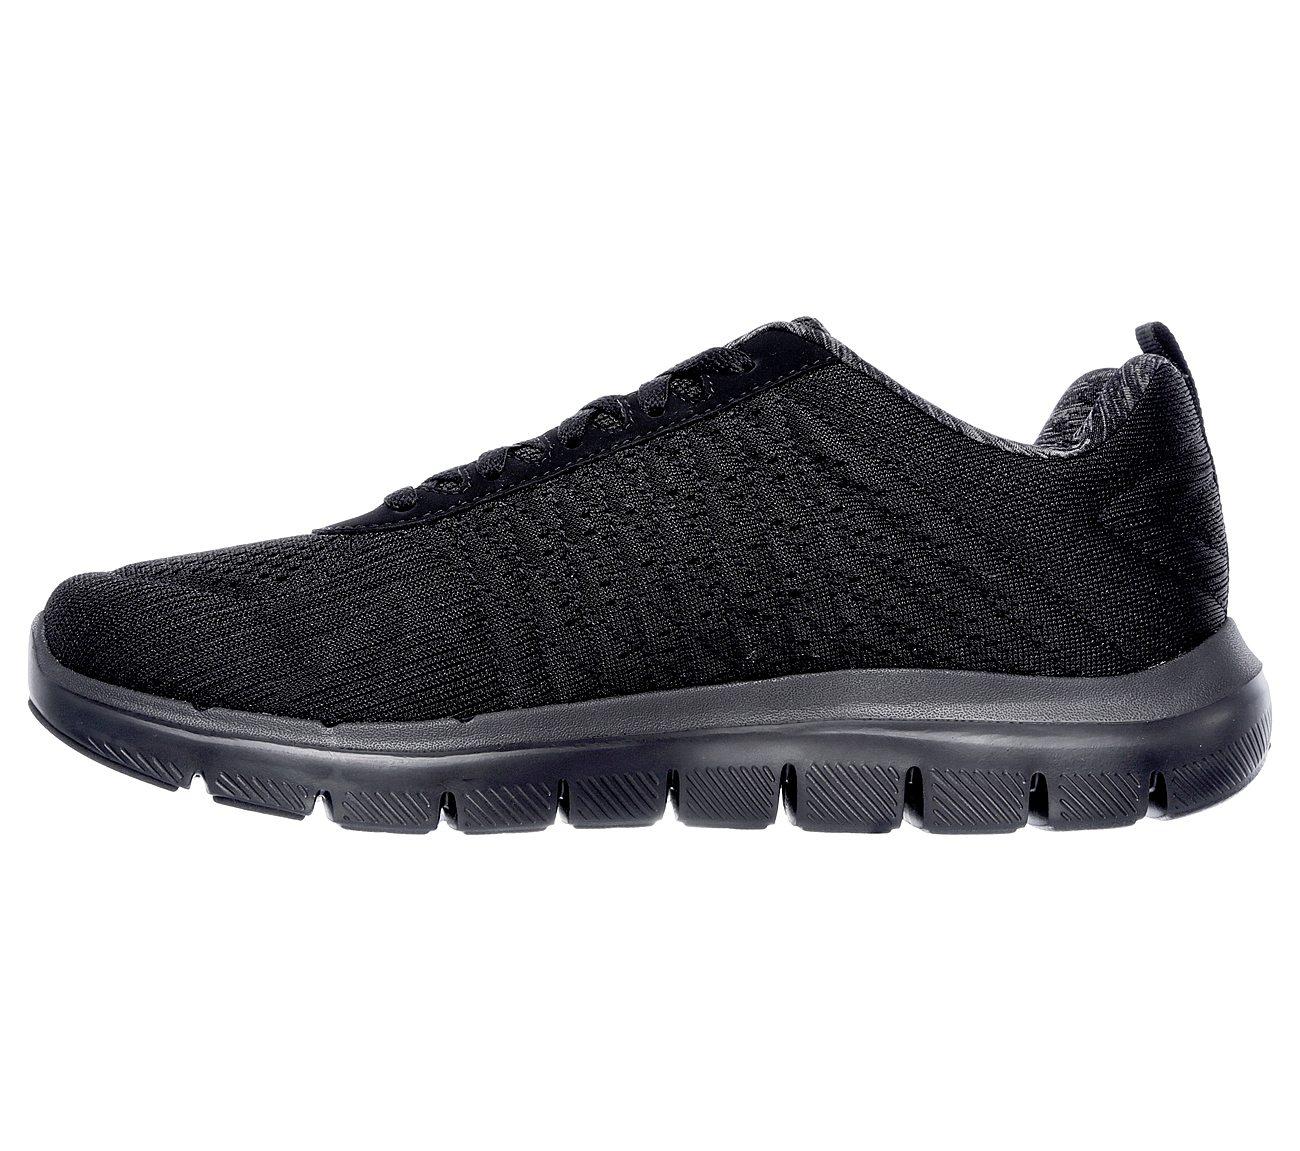 Schuhe SKECHERS The Happs 52185BBK Black Fitness